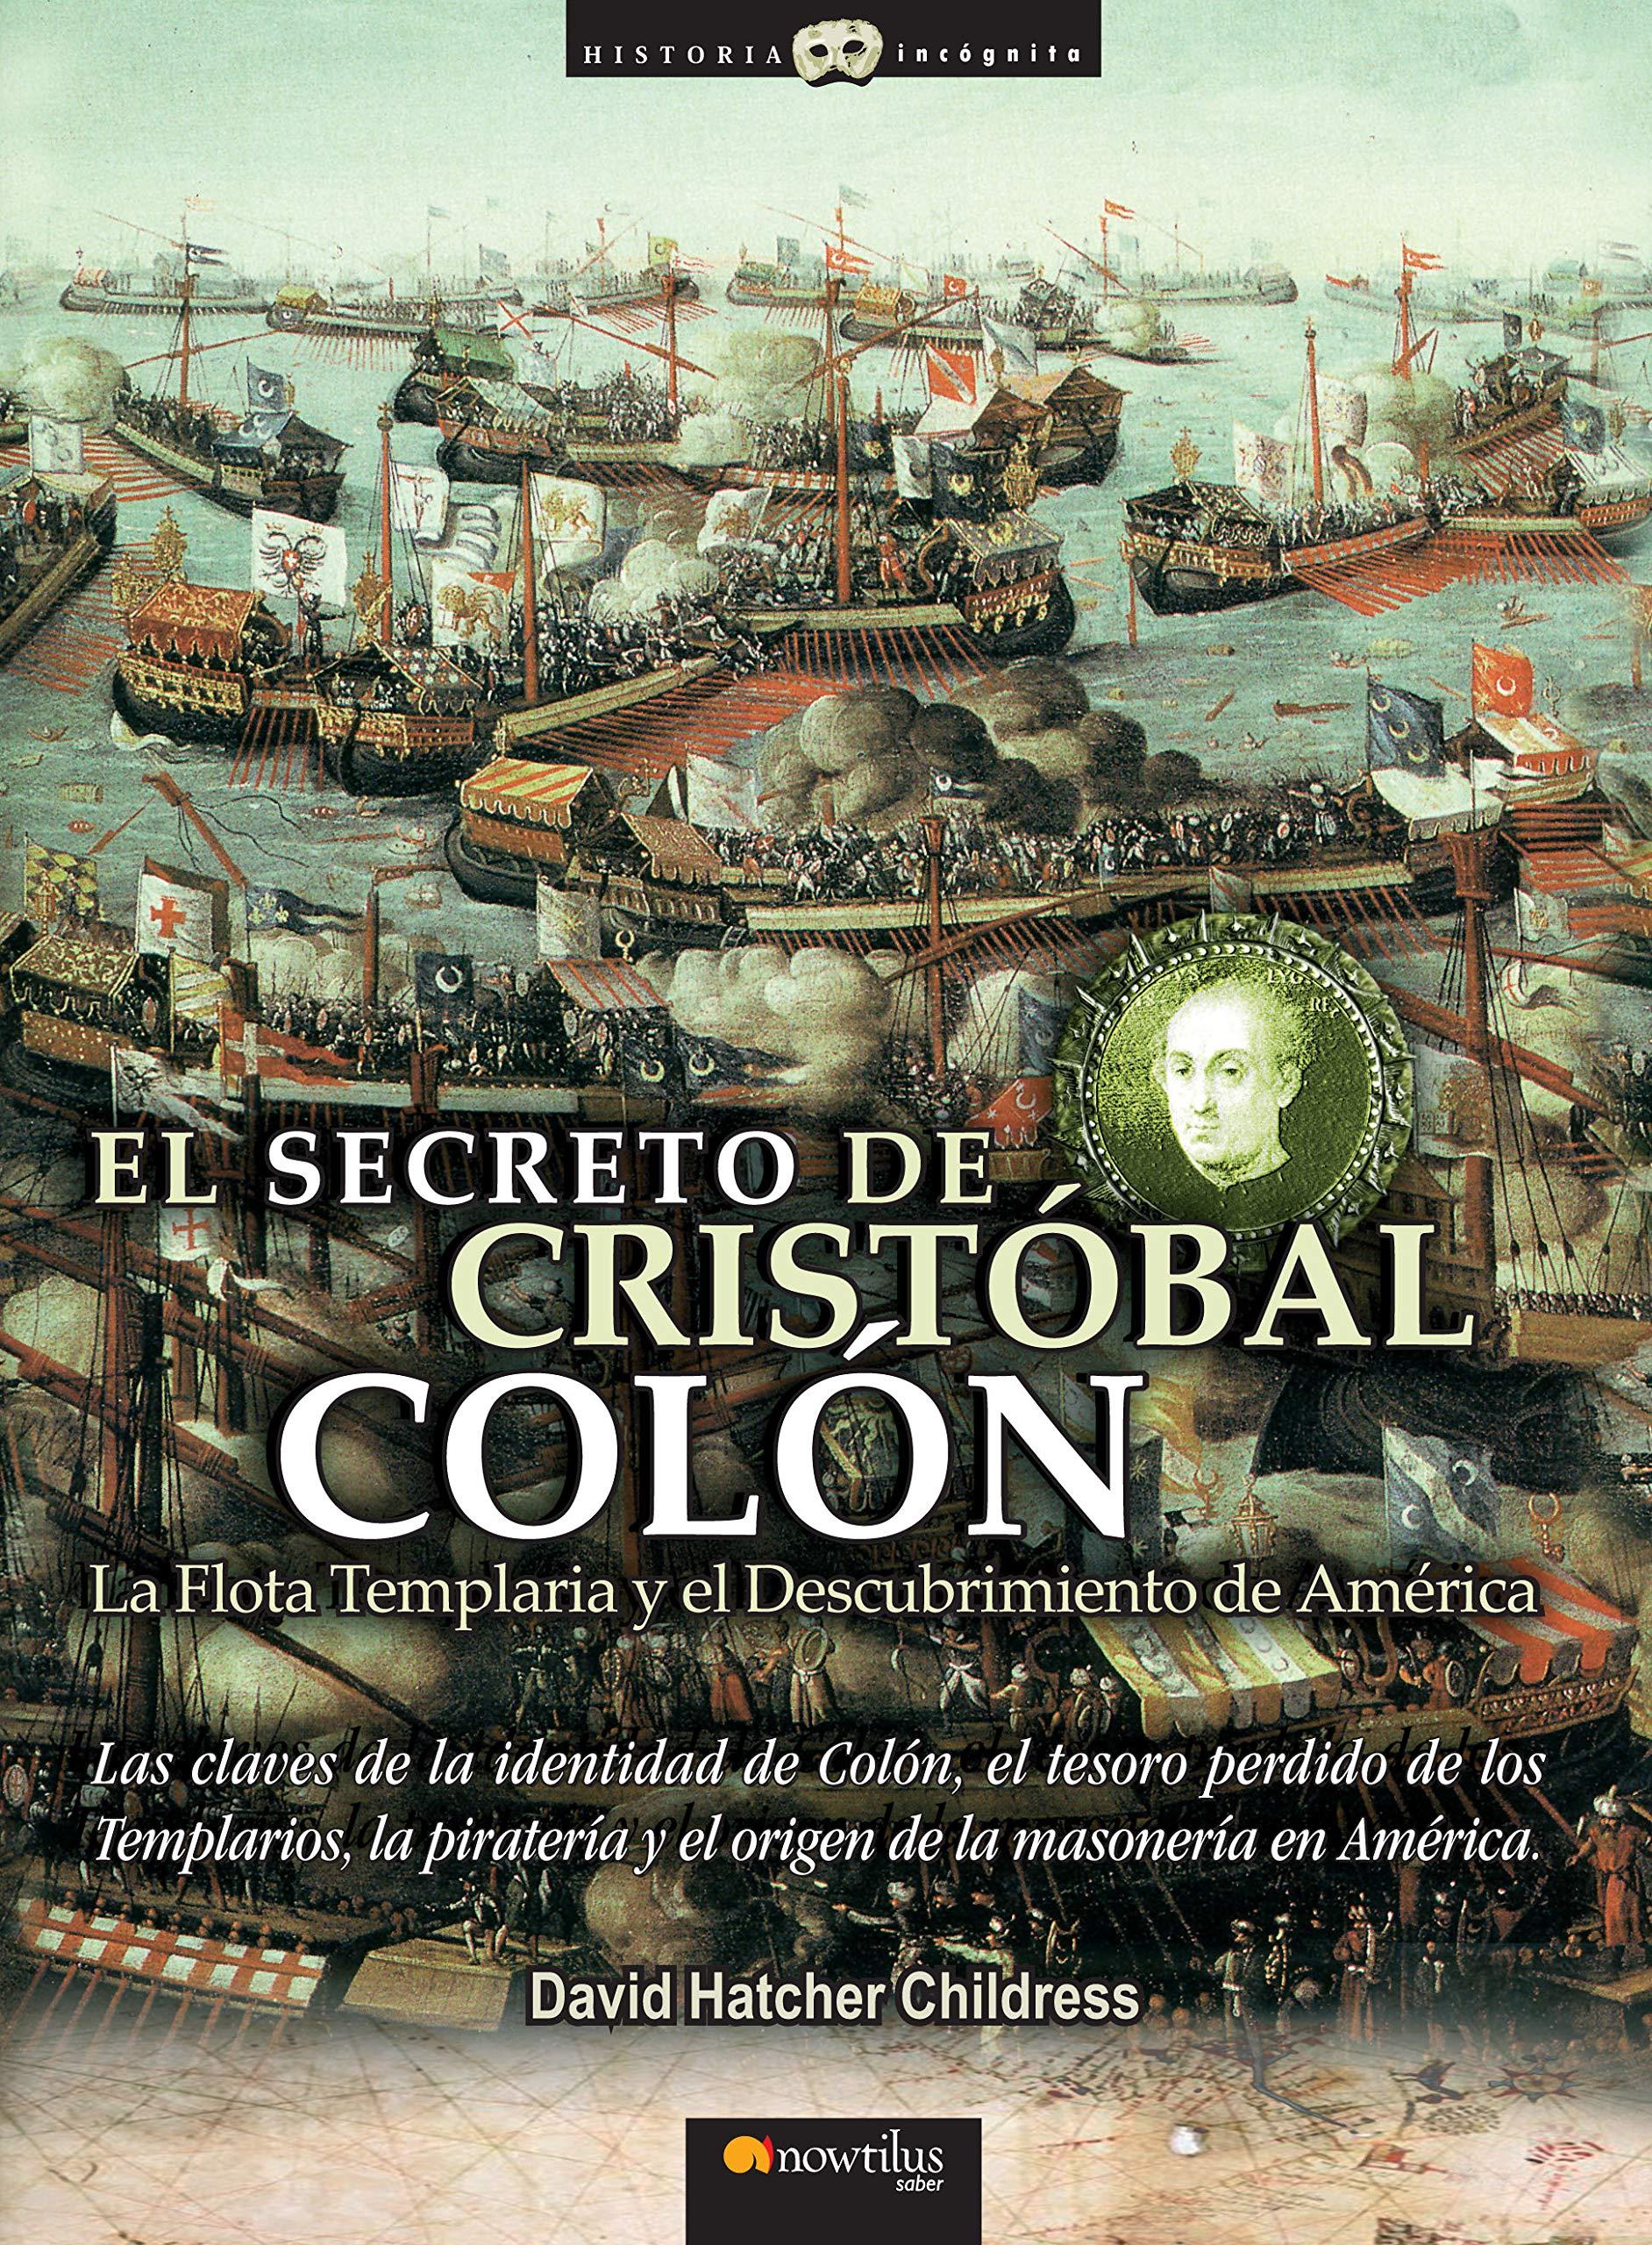 El Secreto De Cristobal Colón. La Flota Templaria Y El Descubrimiento De América Historia Incógnita: Amazon.es: Childress, David Hatcher: Libros